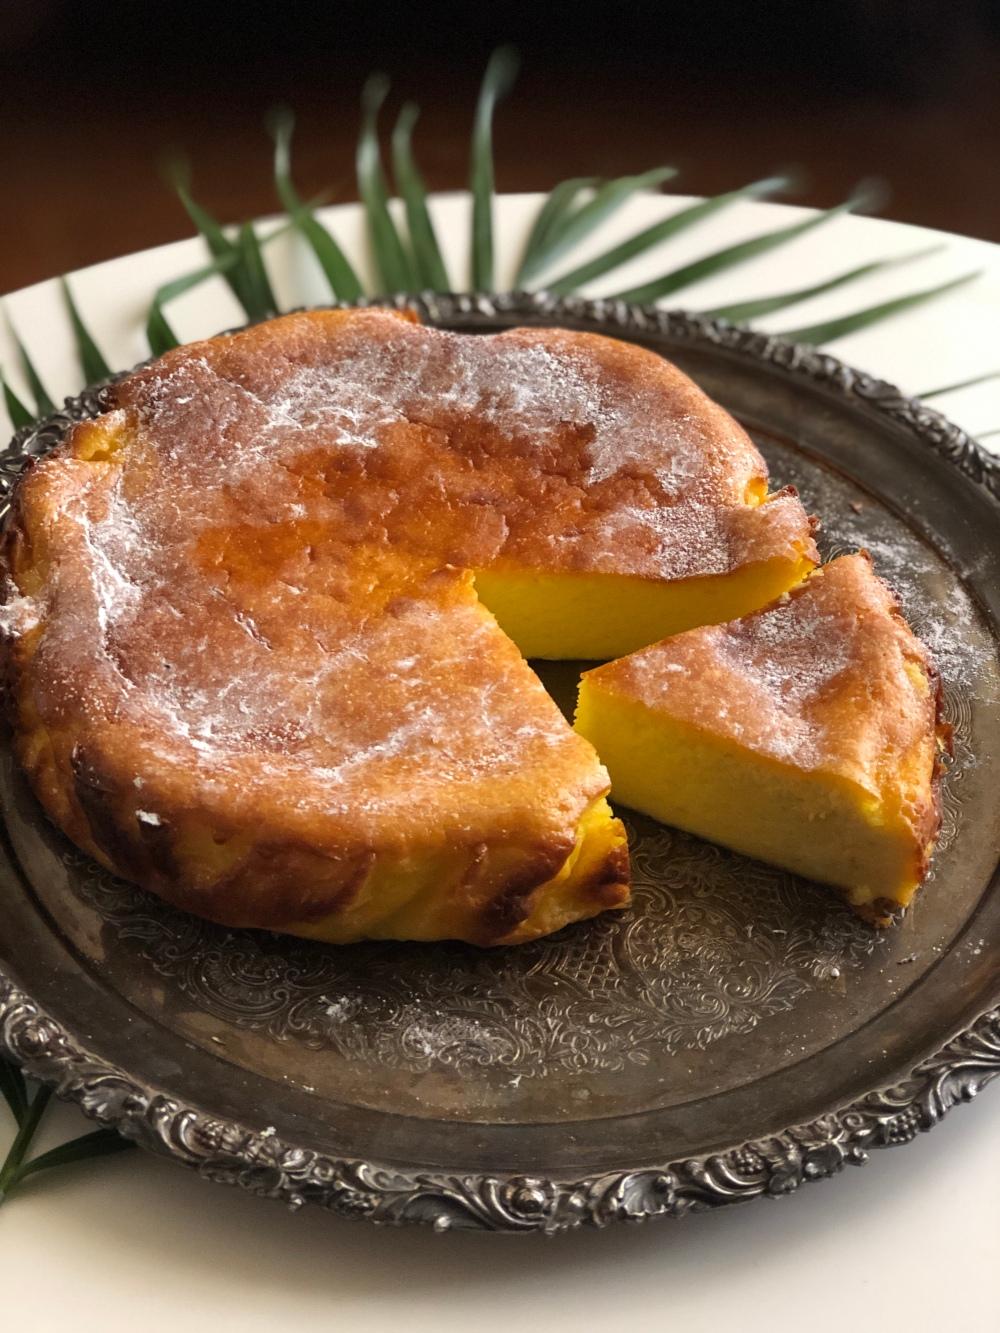 San Sebastian Cheesecake Or Burnt Cheese Cake Or Basque Burnt Cheesecake Shabosphere